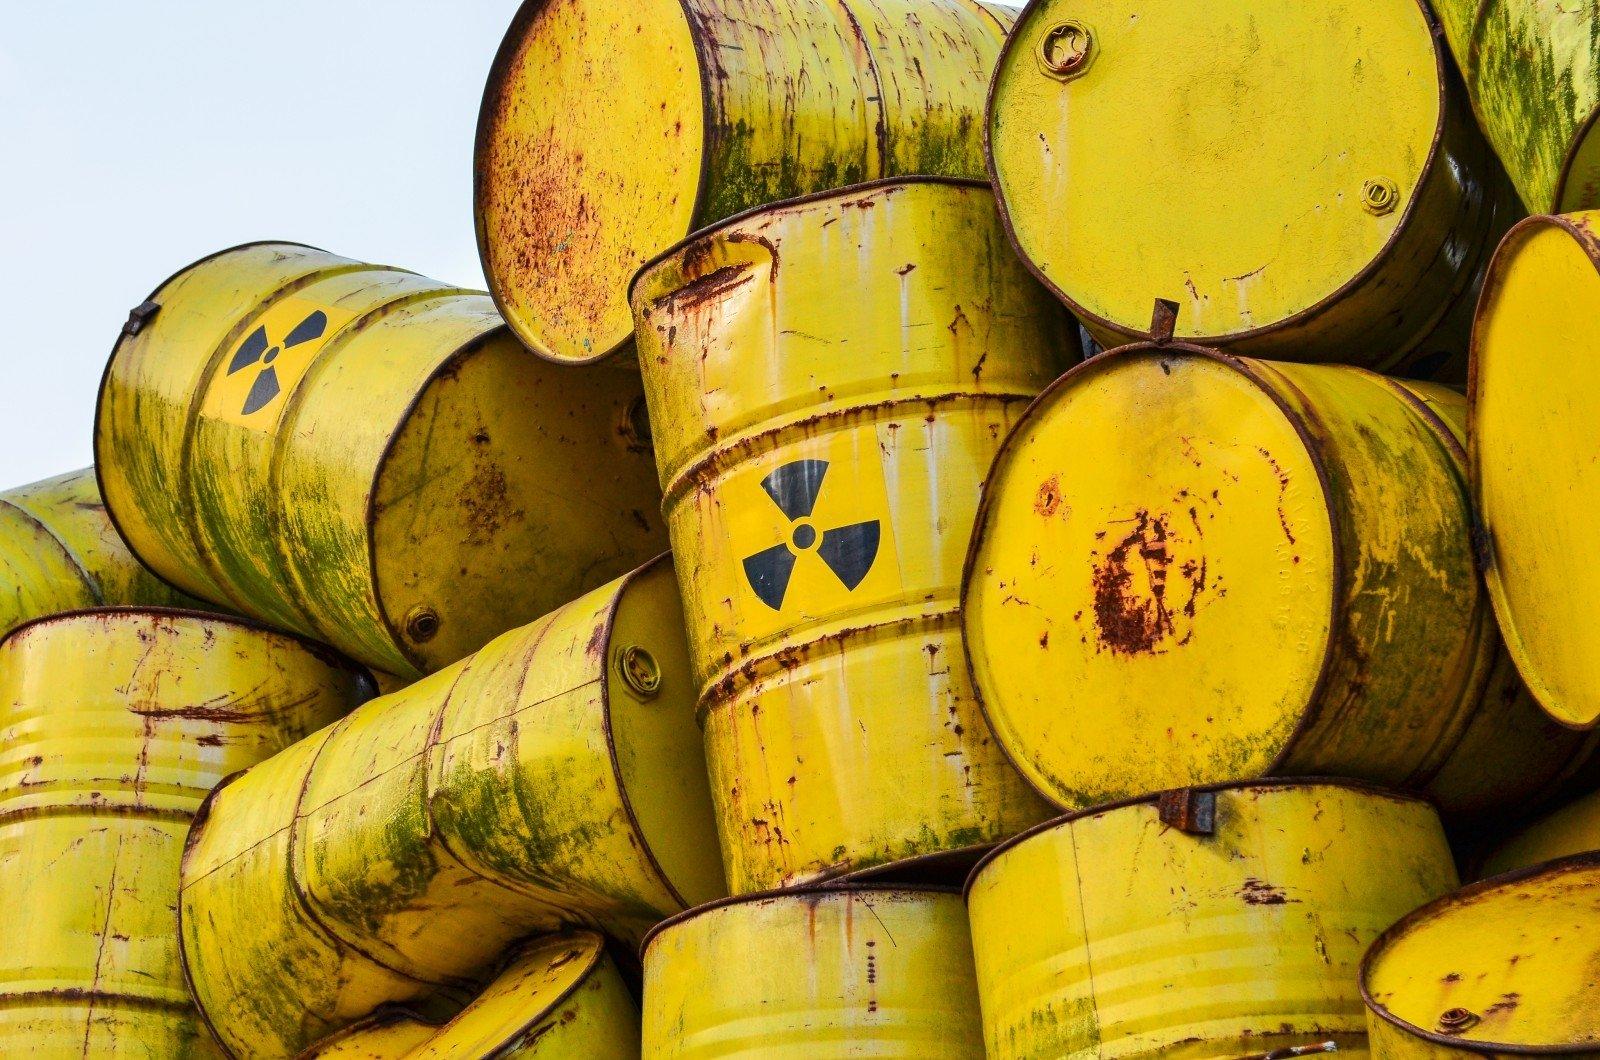 расскажите, картинки радиоактивные бочки было одной официальной